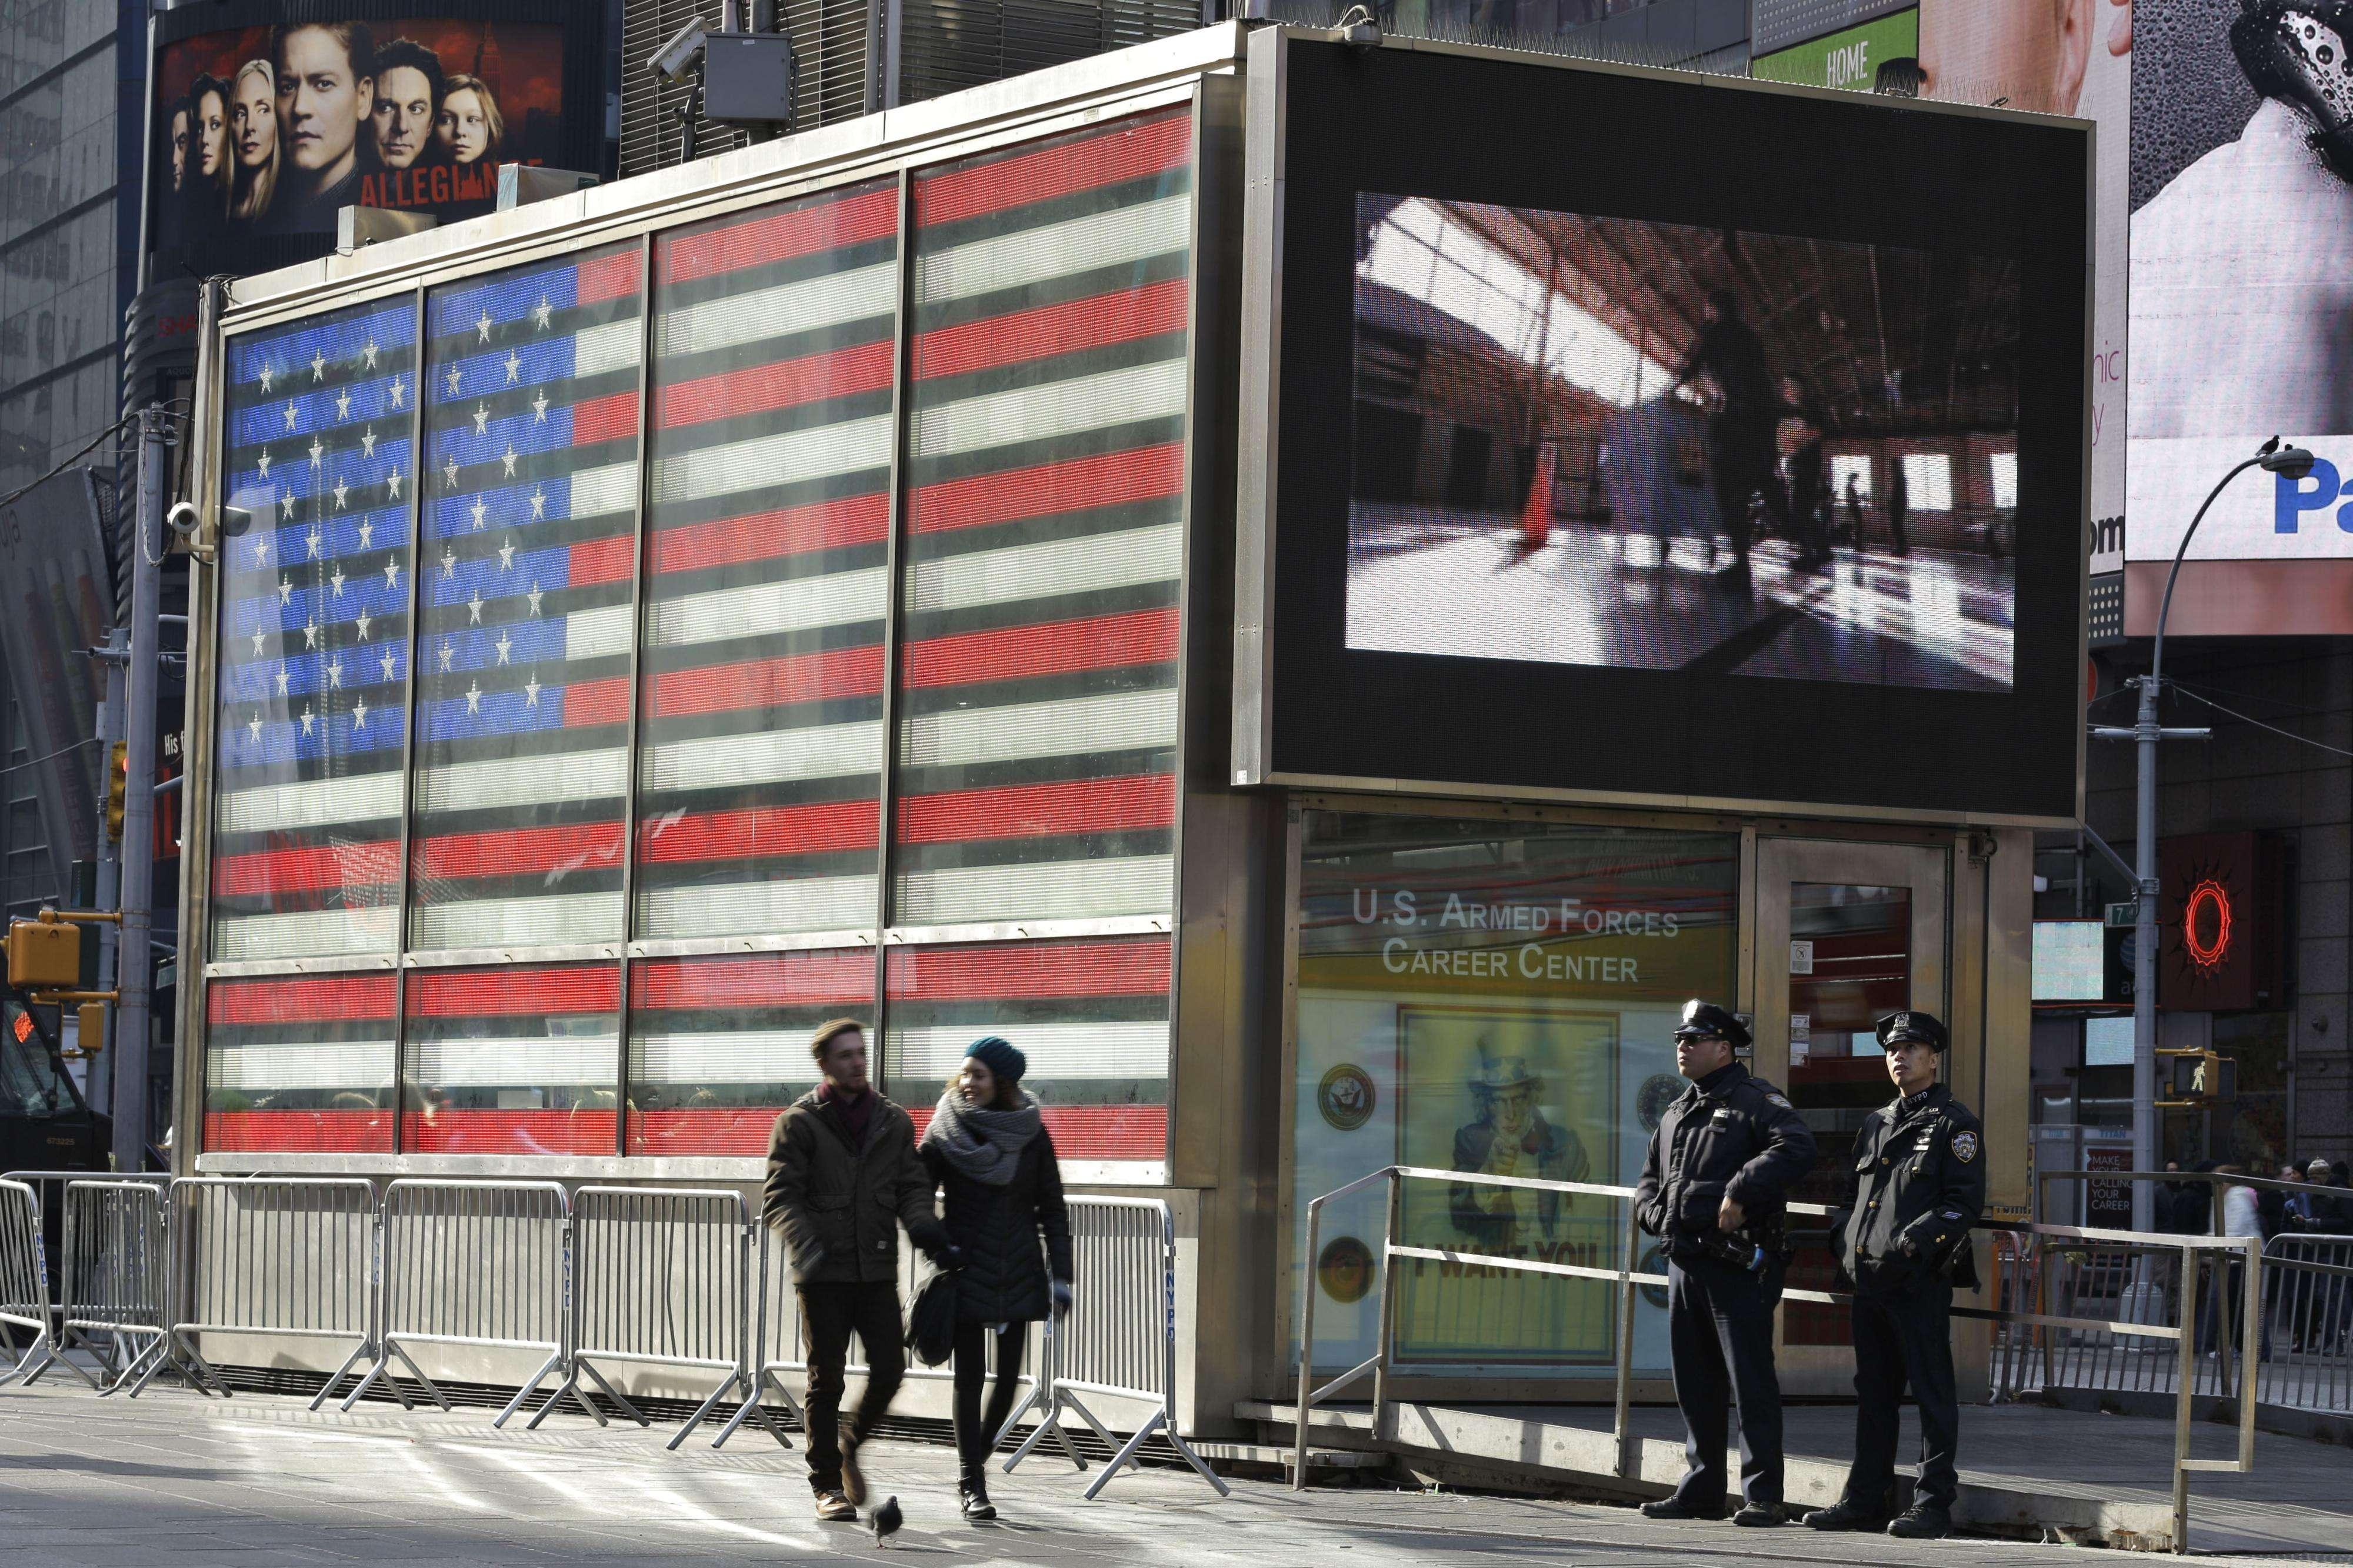 Agentes policiales hacen guardia afuera del centro de reclutamiento de las Fuerzas Armadas en Times Square, el 16 de enero del 2015. Foto: AP en español